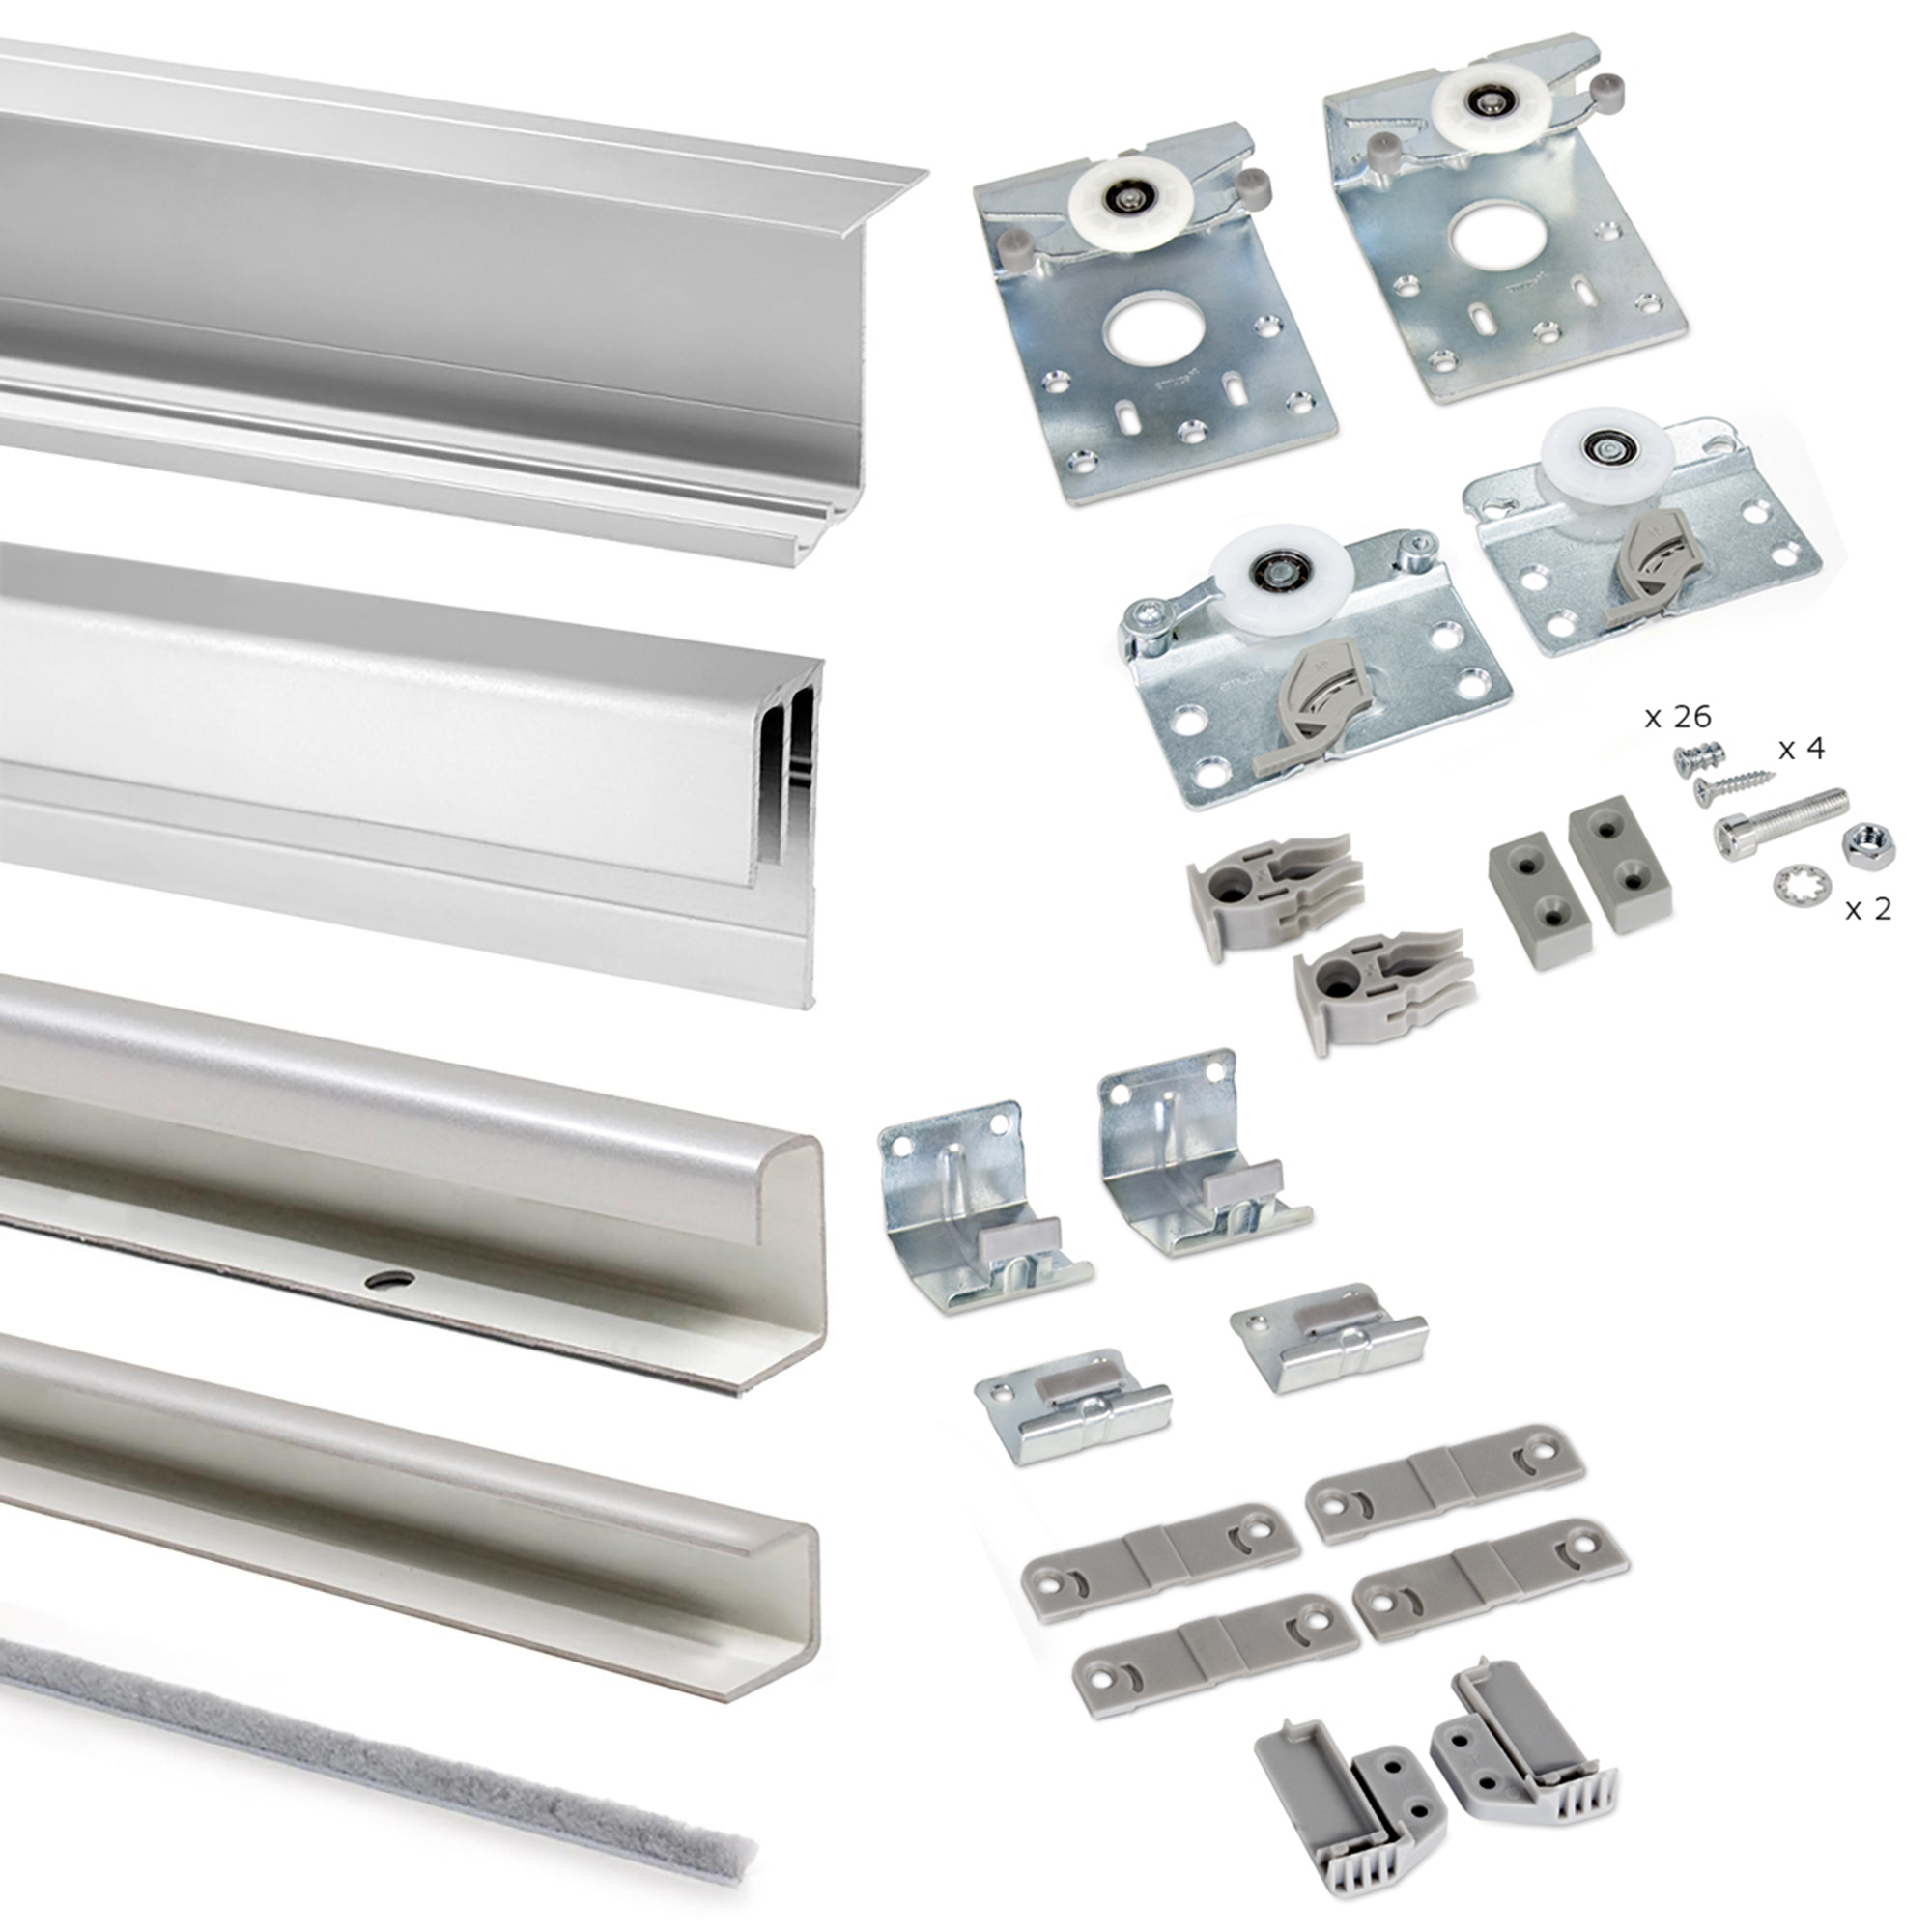 Emuca Sistema scorrevole per armadio 2 ante sospese, spessore 16 mm, antideragliamento, Profili Alluminio, Grigio metallizzato